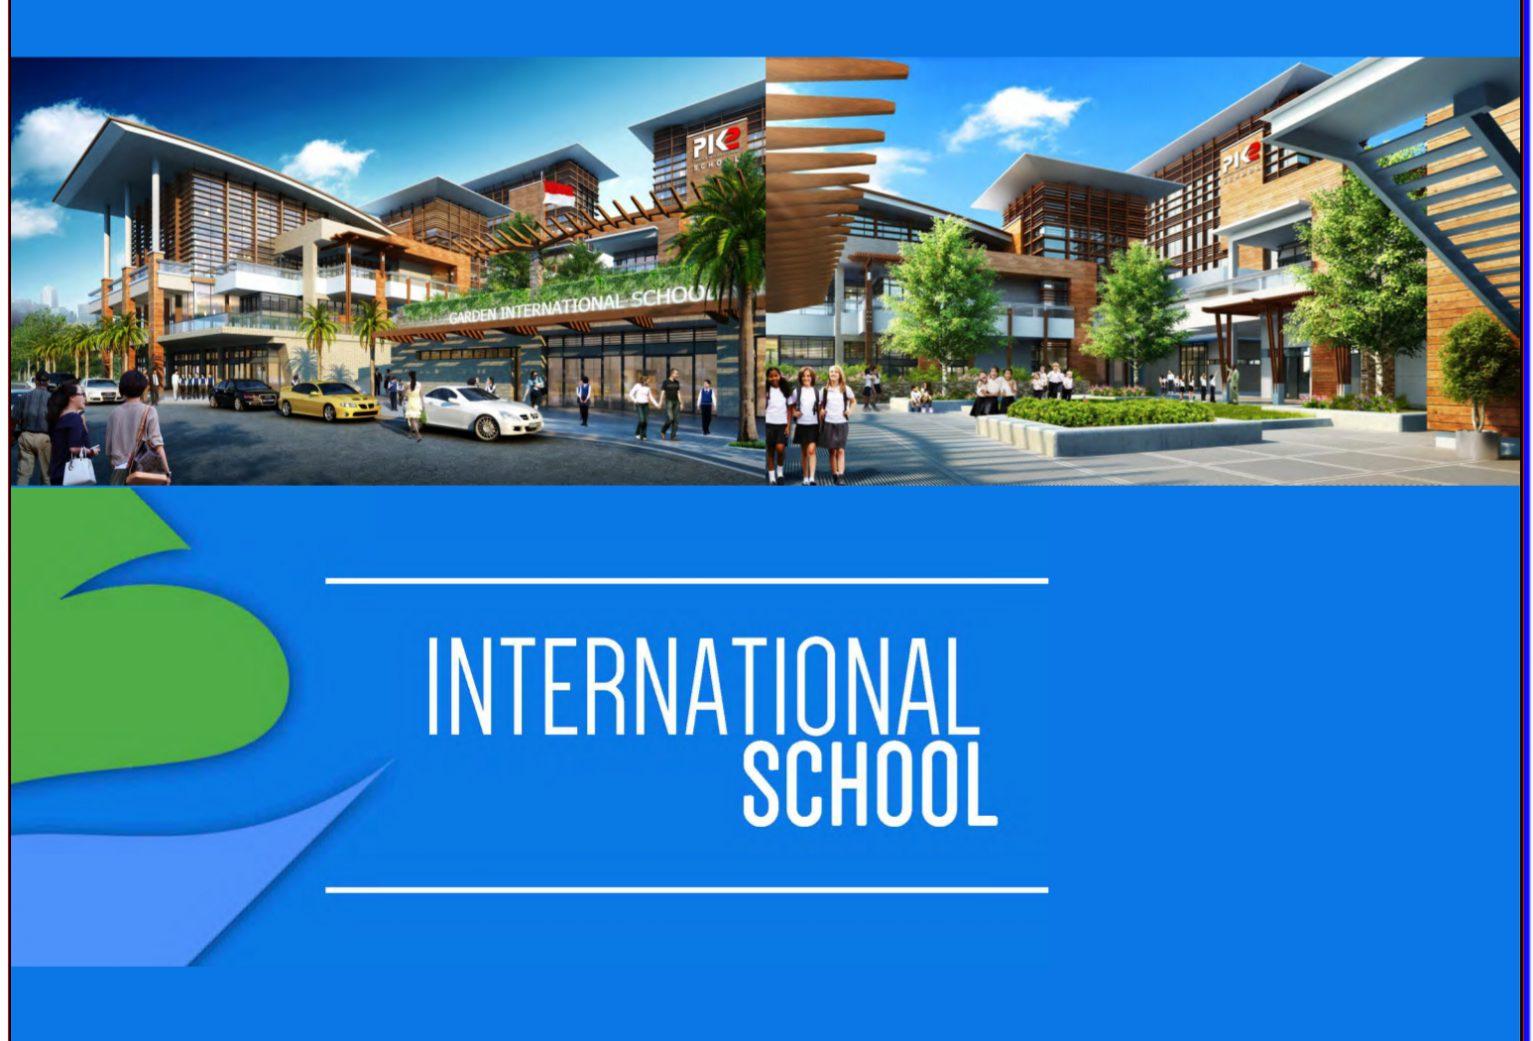 intl school